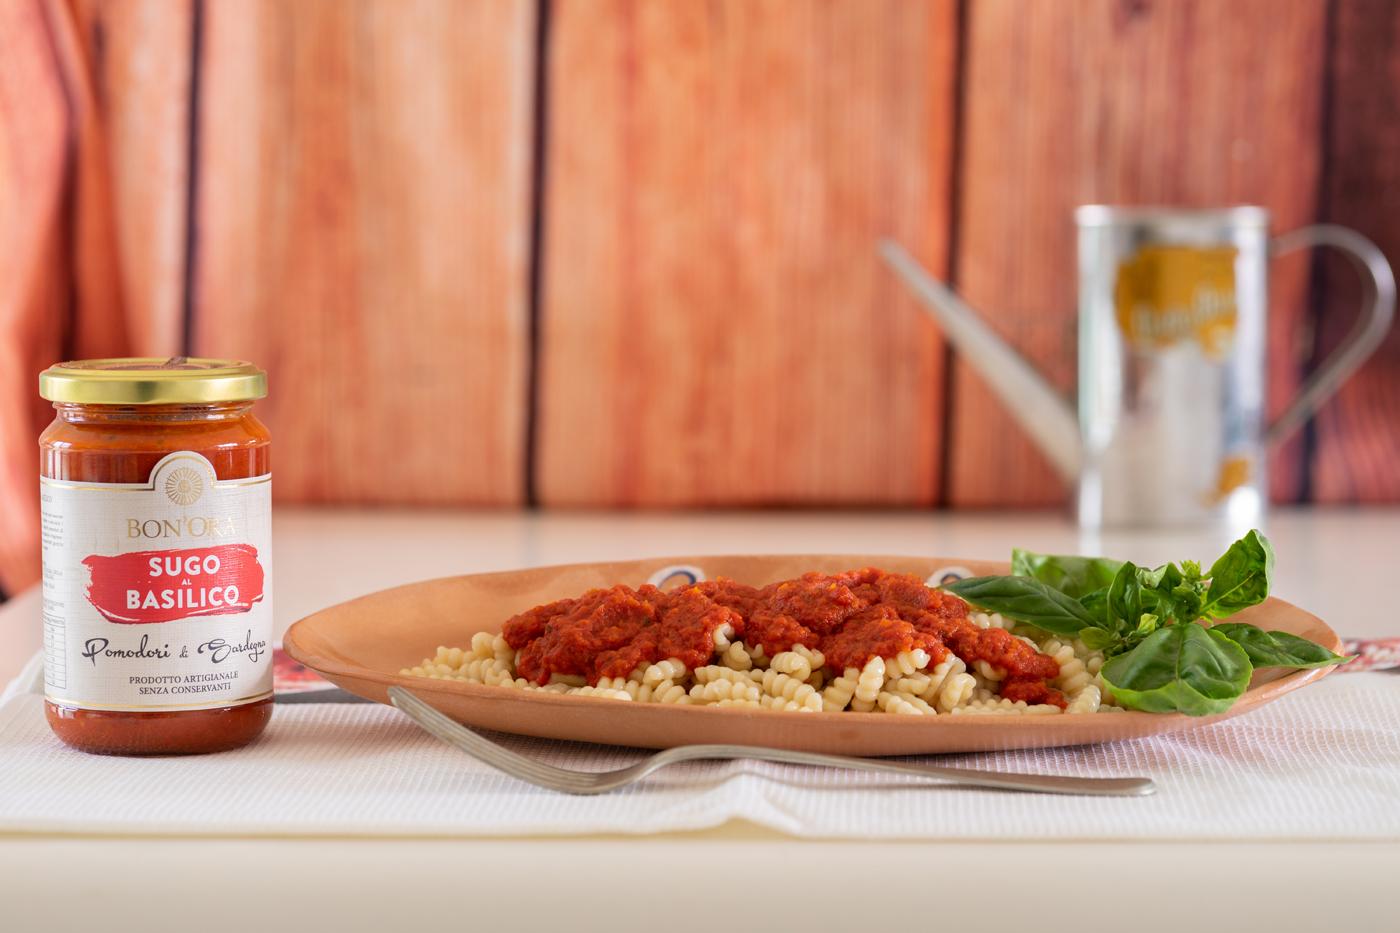 piatto di malloreddus con sugo al basilico Bon'Ora Prodotti di Sardegna